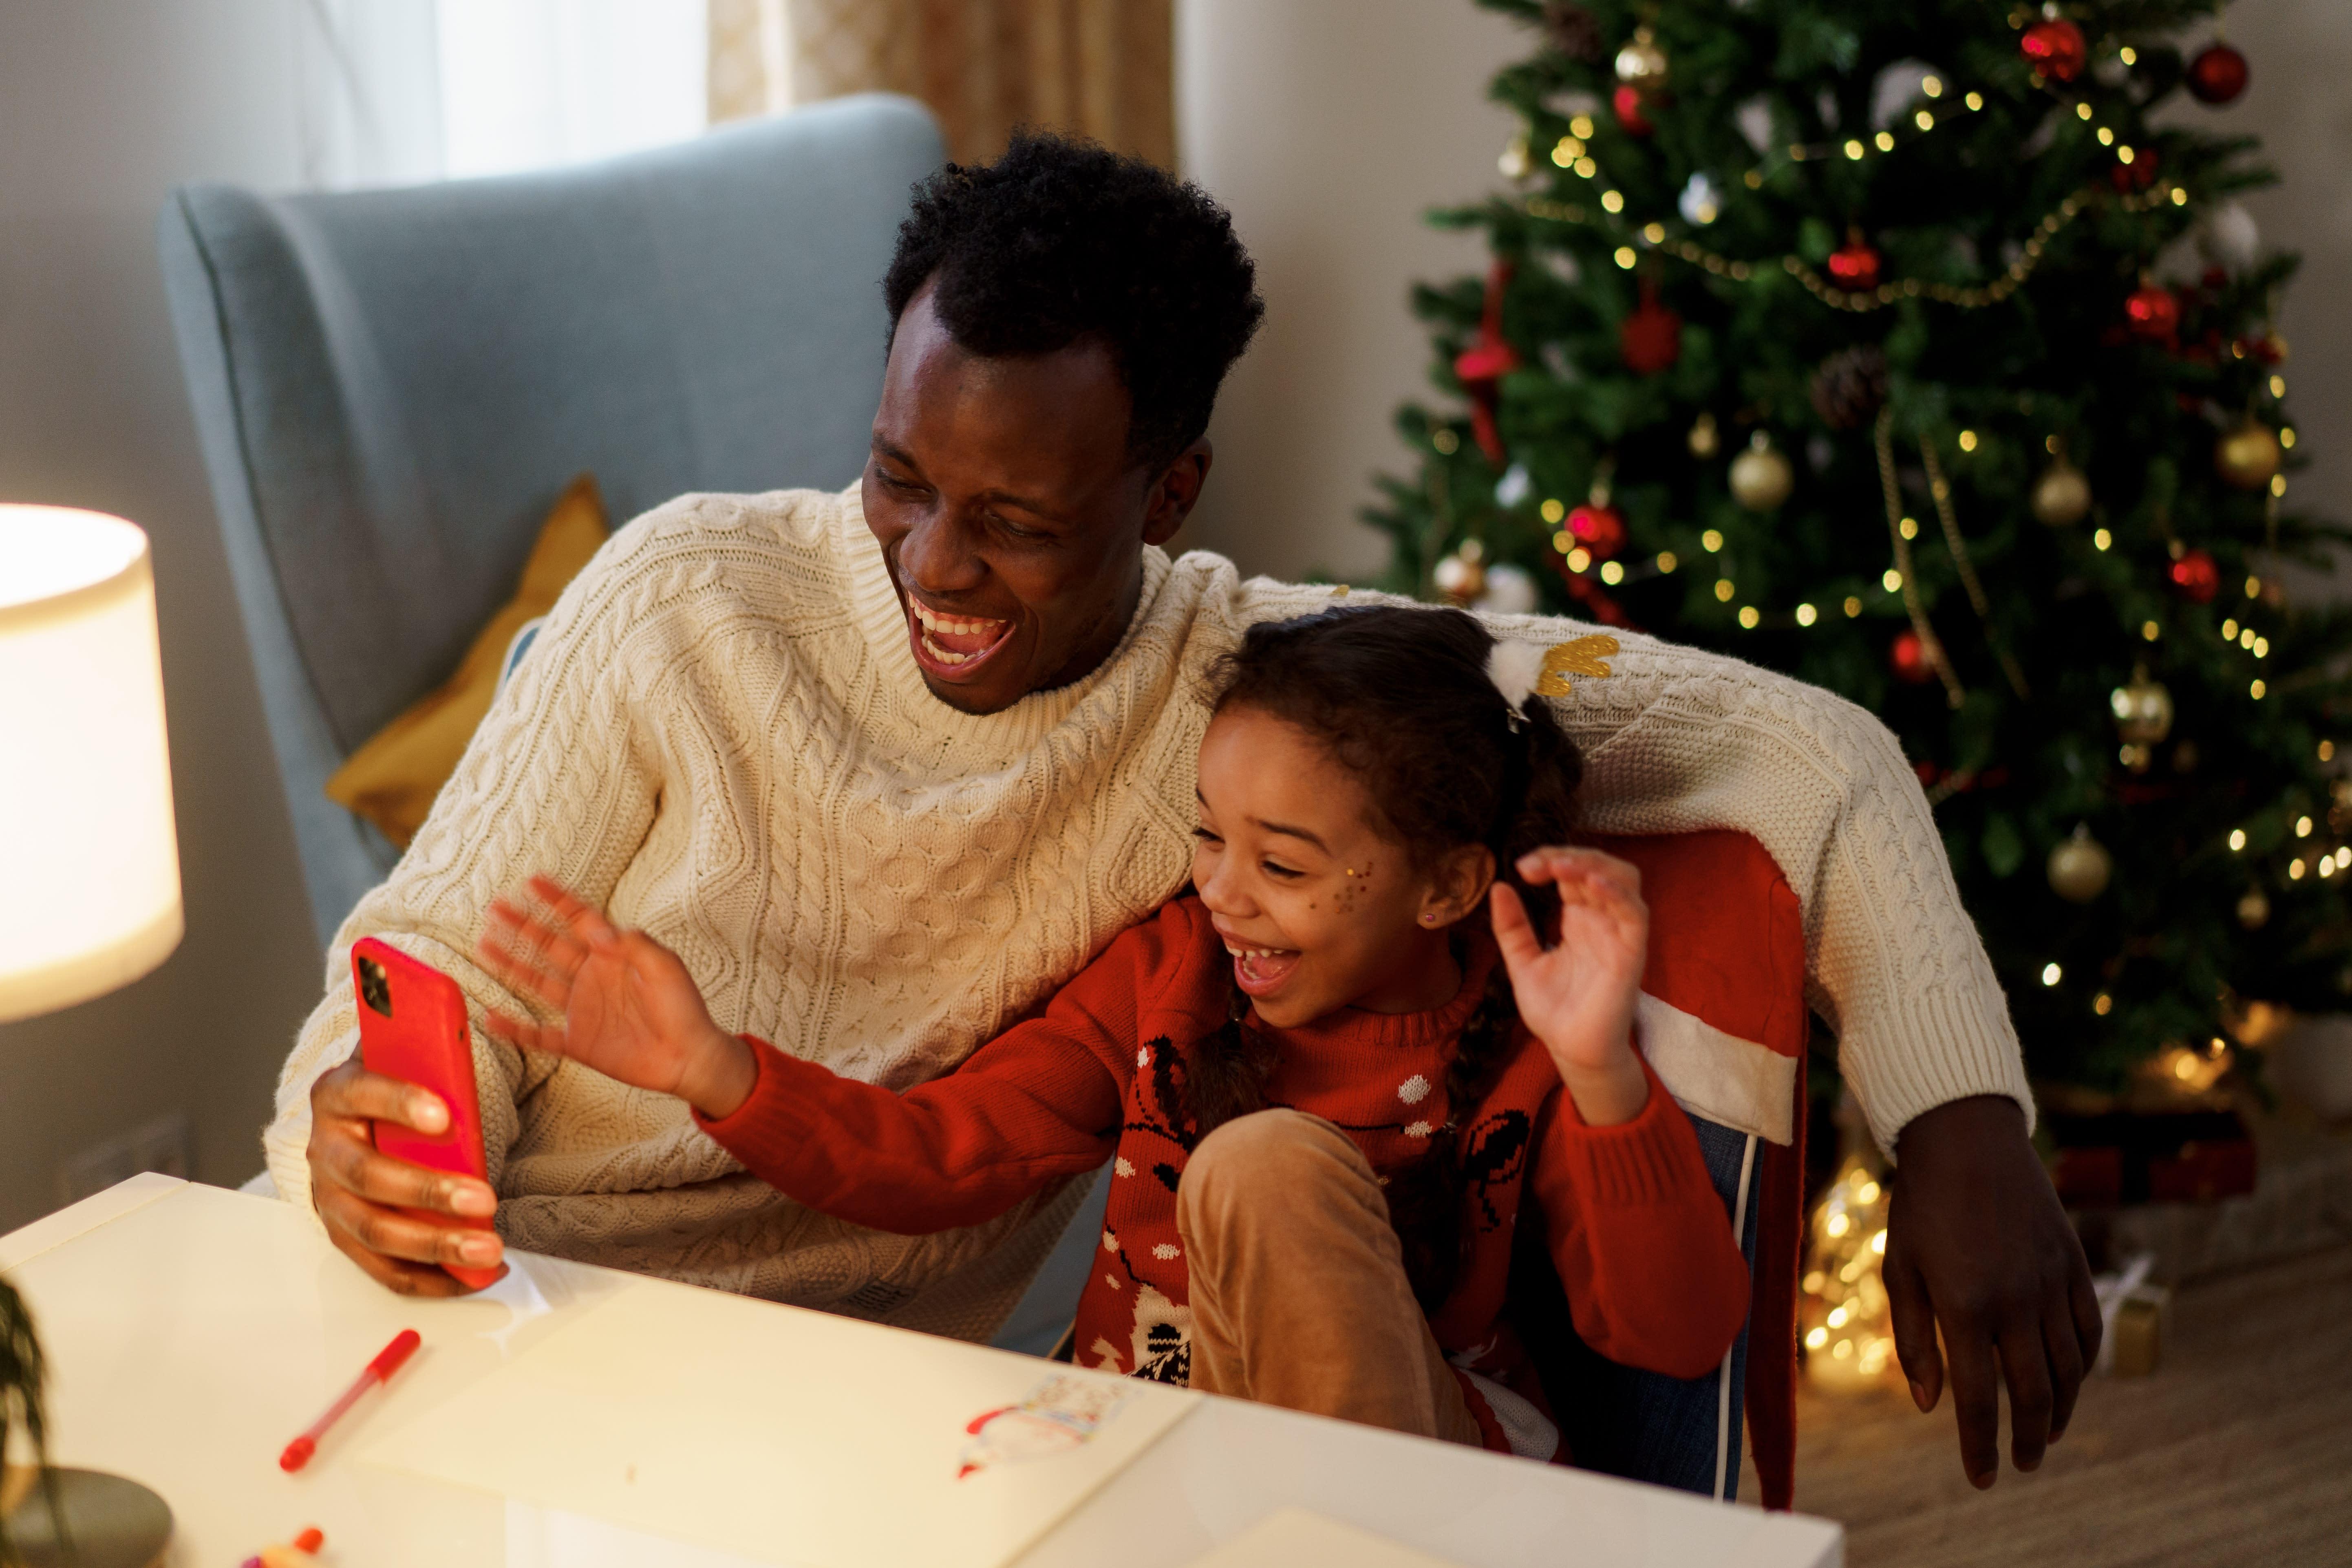 Vater und Tochter im Weihnachtspullovern schauen lachend aufs Smartphone